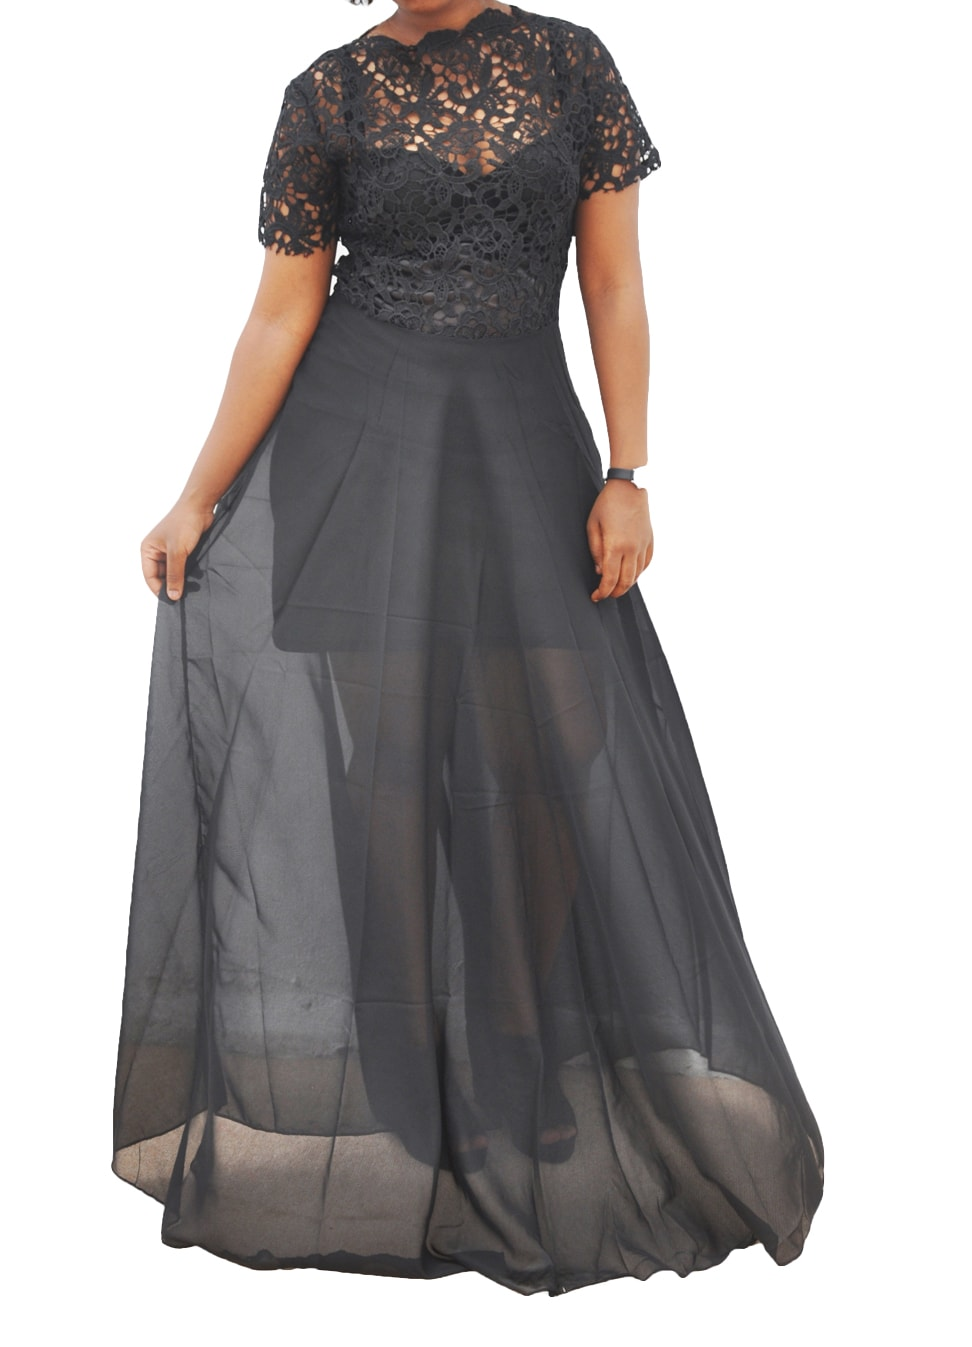 M0263 black1 Maxi Dresses maureens.com boutique